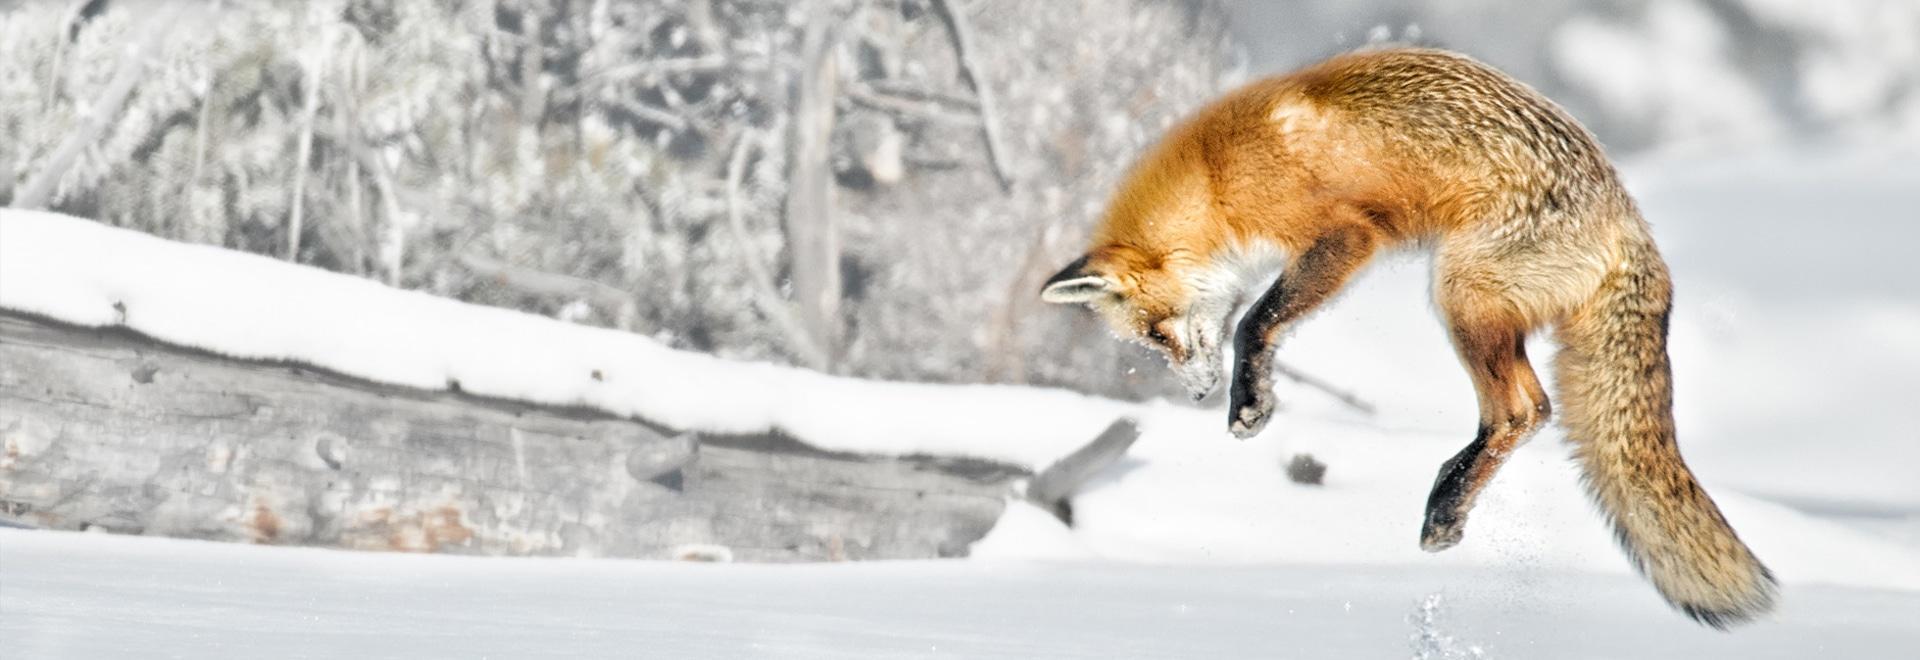 Essemtec Fox